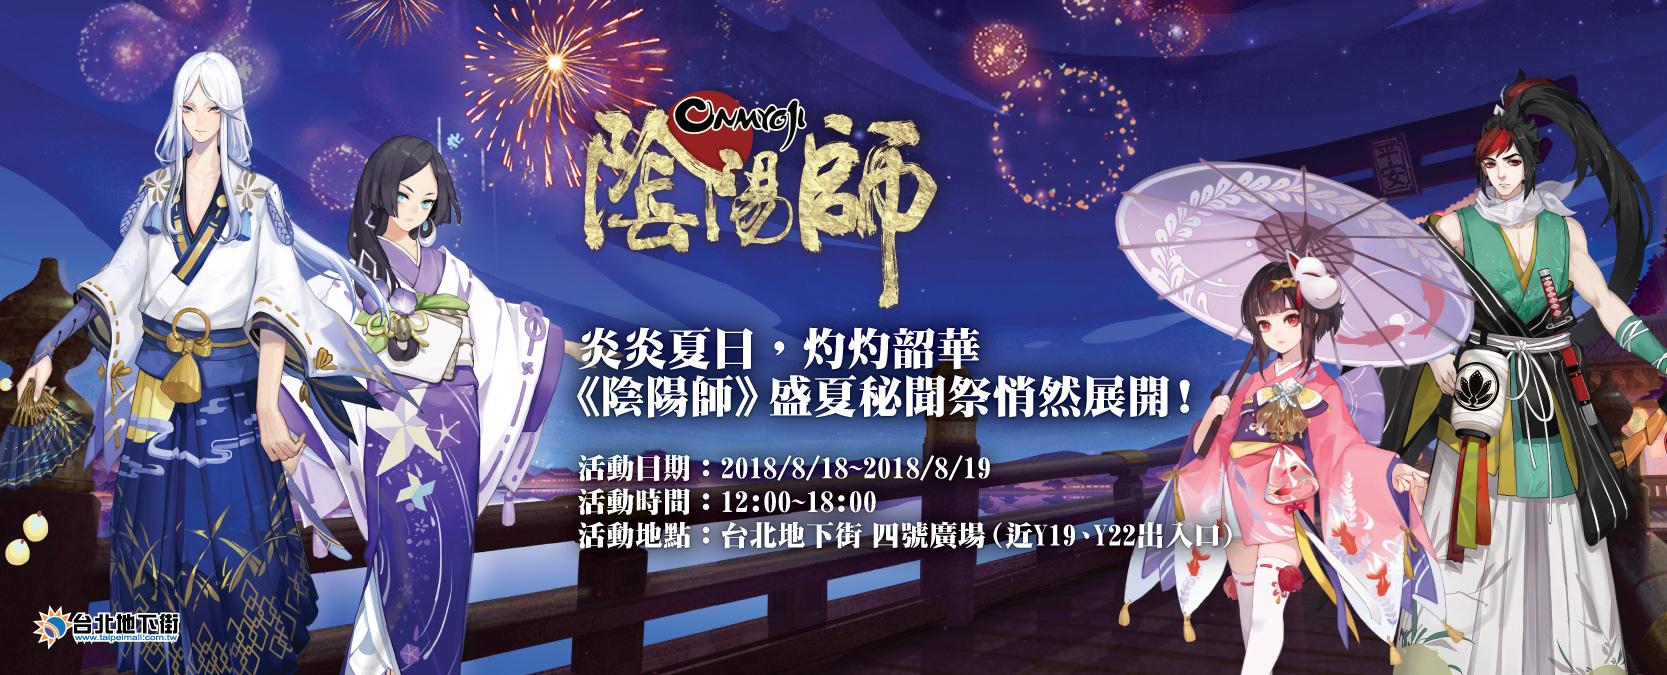 《陰陽師Onmyoji》與台北地下街合作,舉辦期間限定之「盛夏秘聞祭」活動